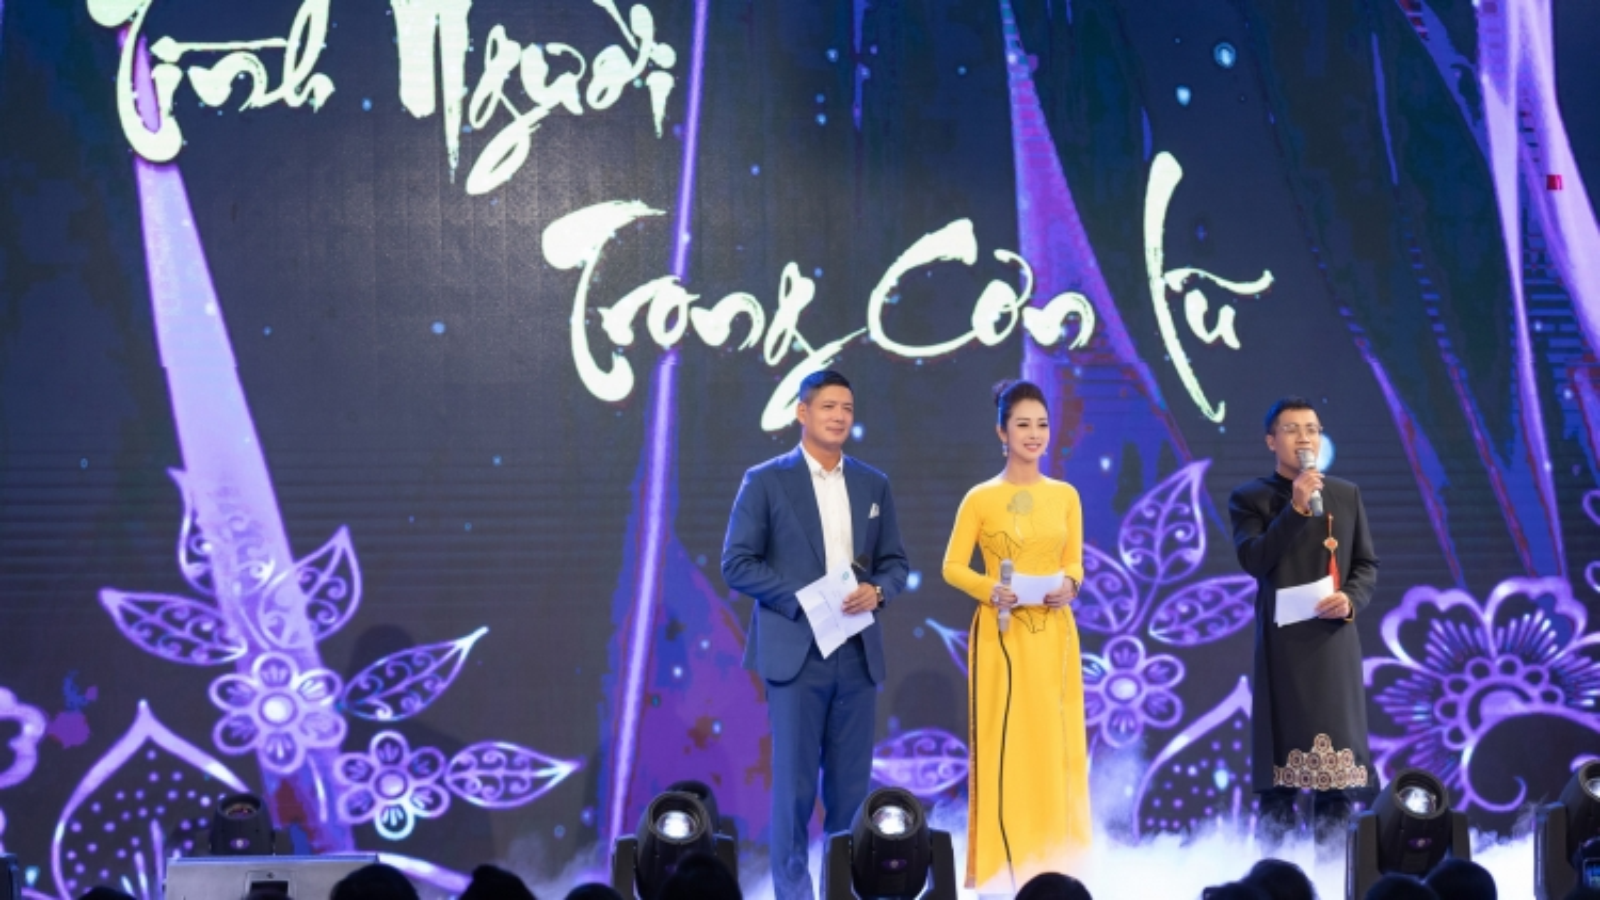 Hoa hậu Jennifer Phạm hội ngộ Bình Minh trong chương trình gây quỹ từ thiện